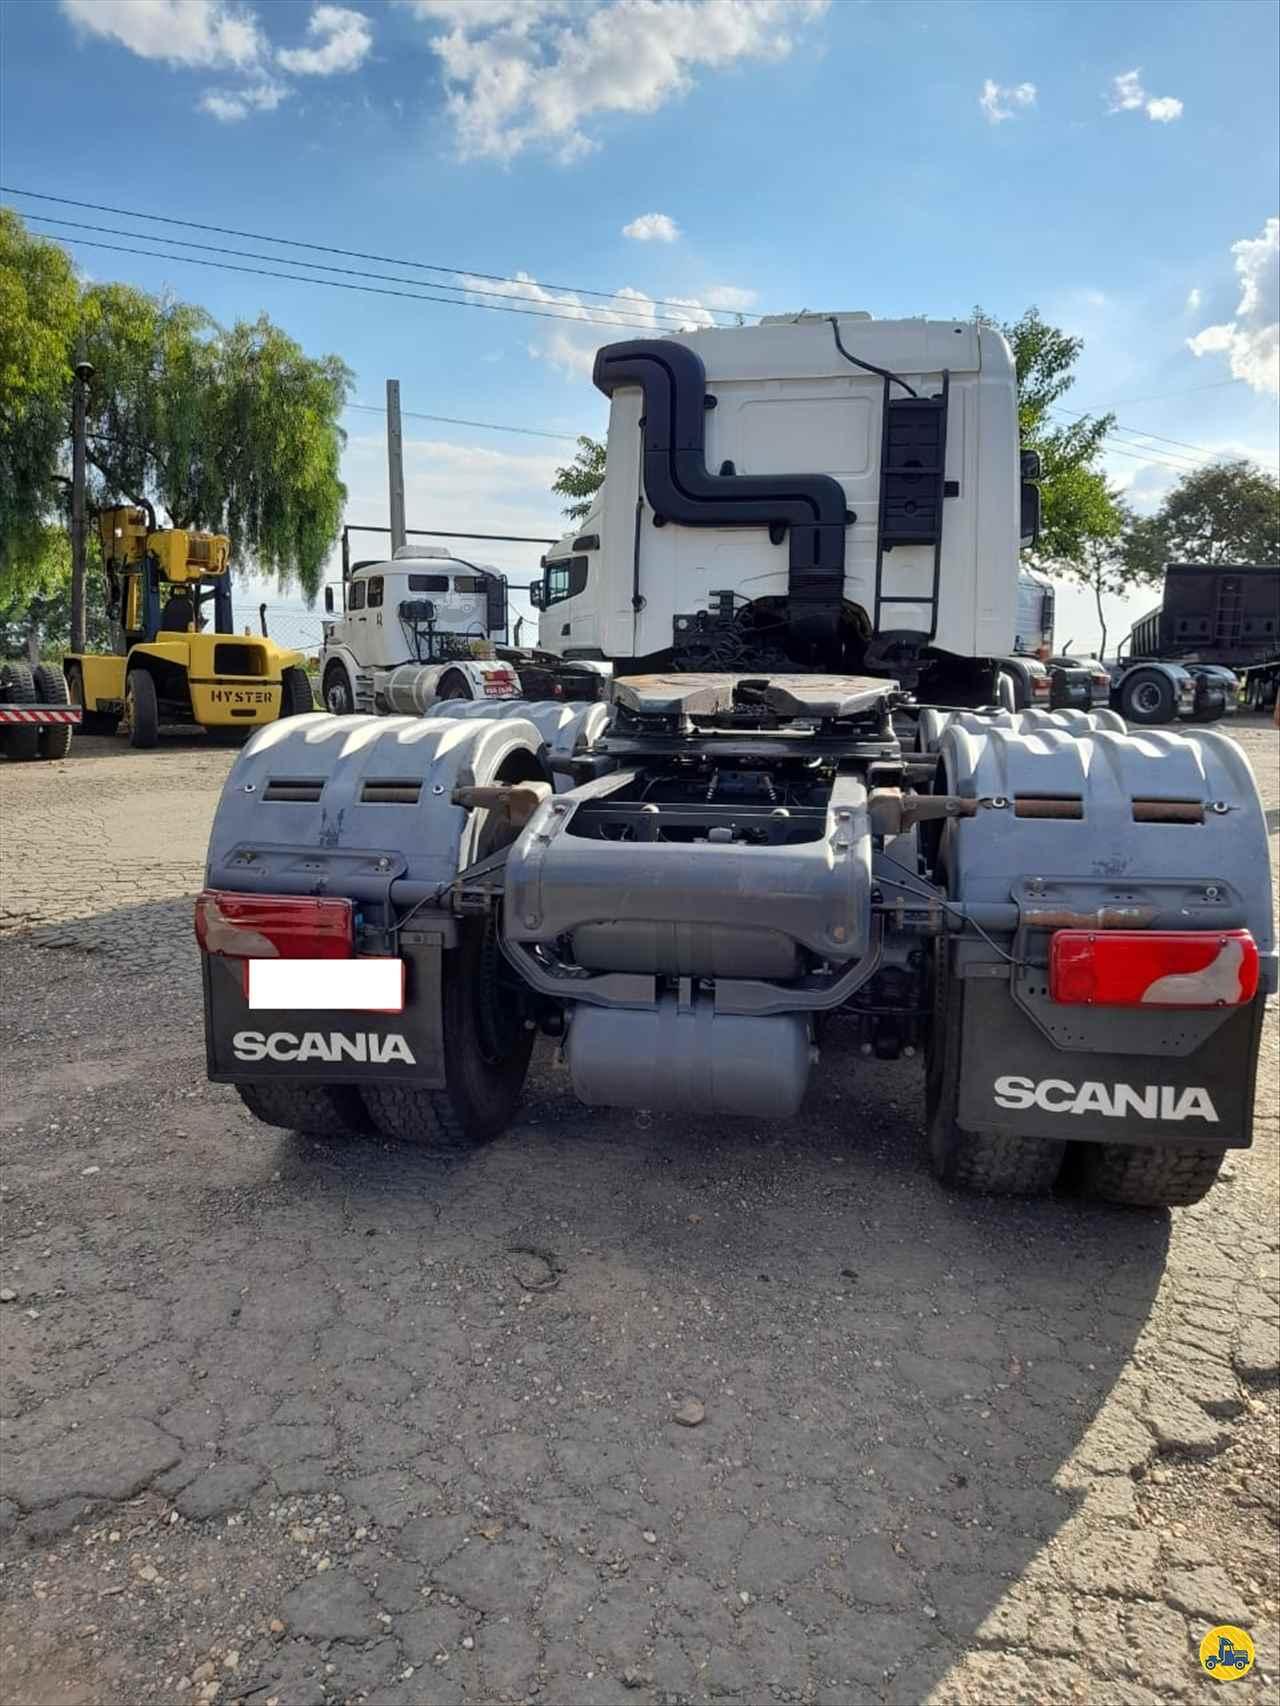 SCANIA SCANIA 470 713853km 2008/2009 Leque Caminhões